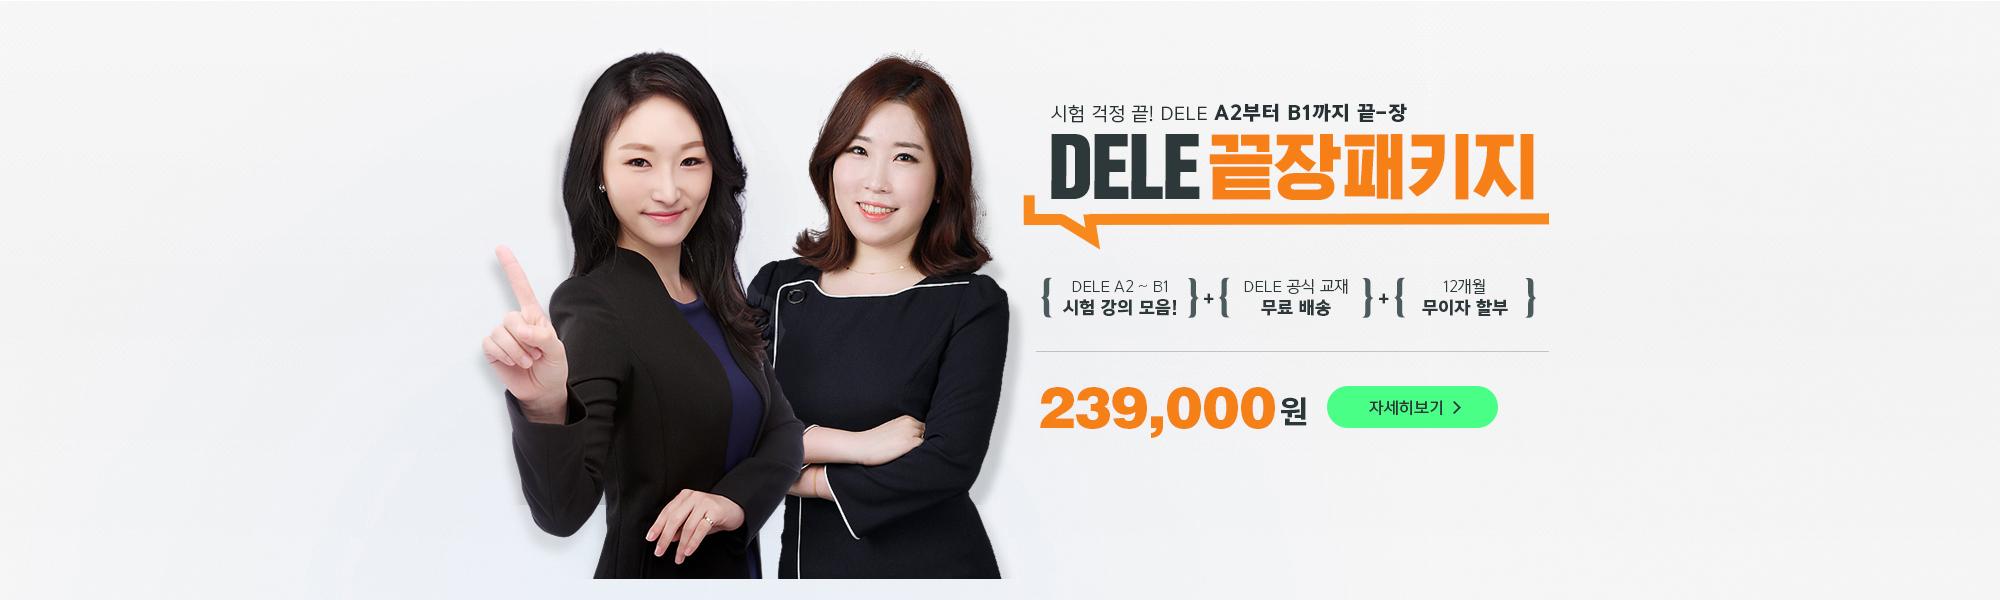 [DELE A2 ~ B1] 델레 끝장 패키지